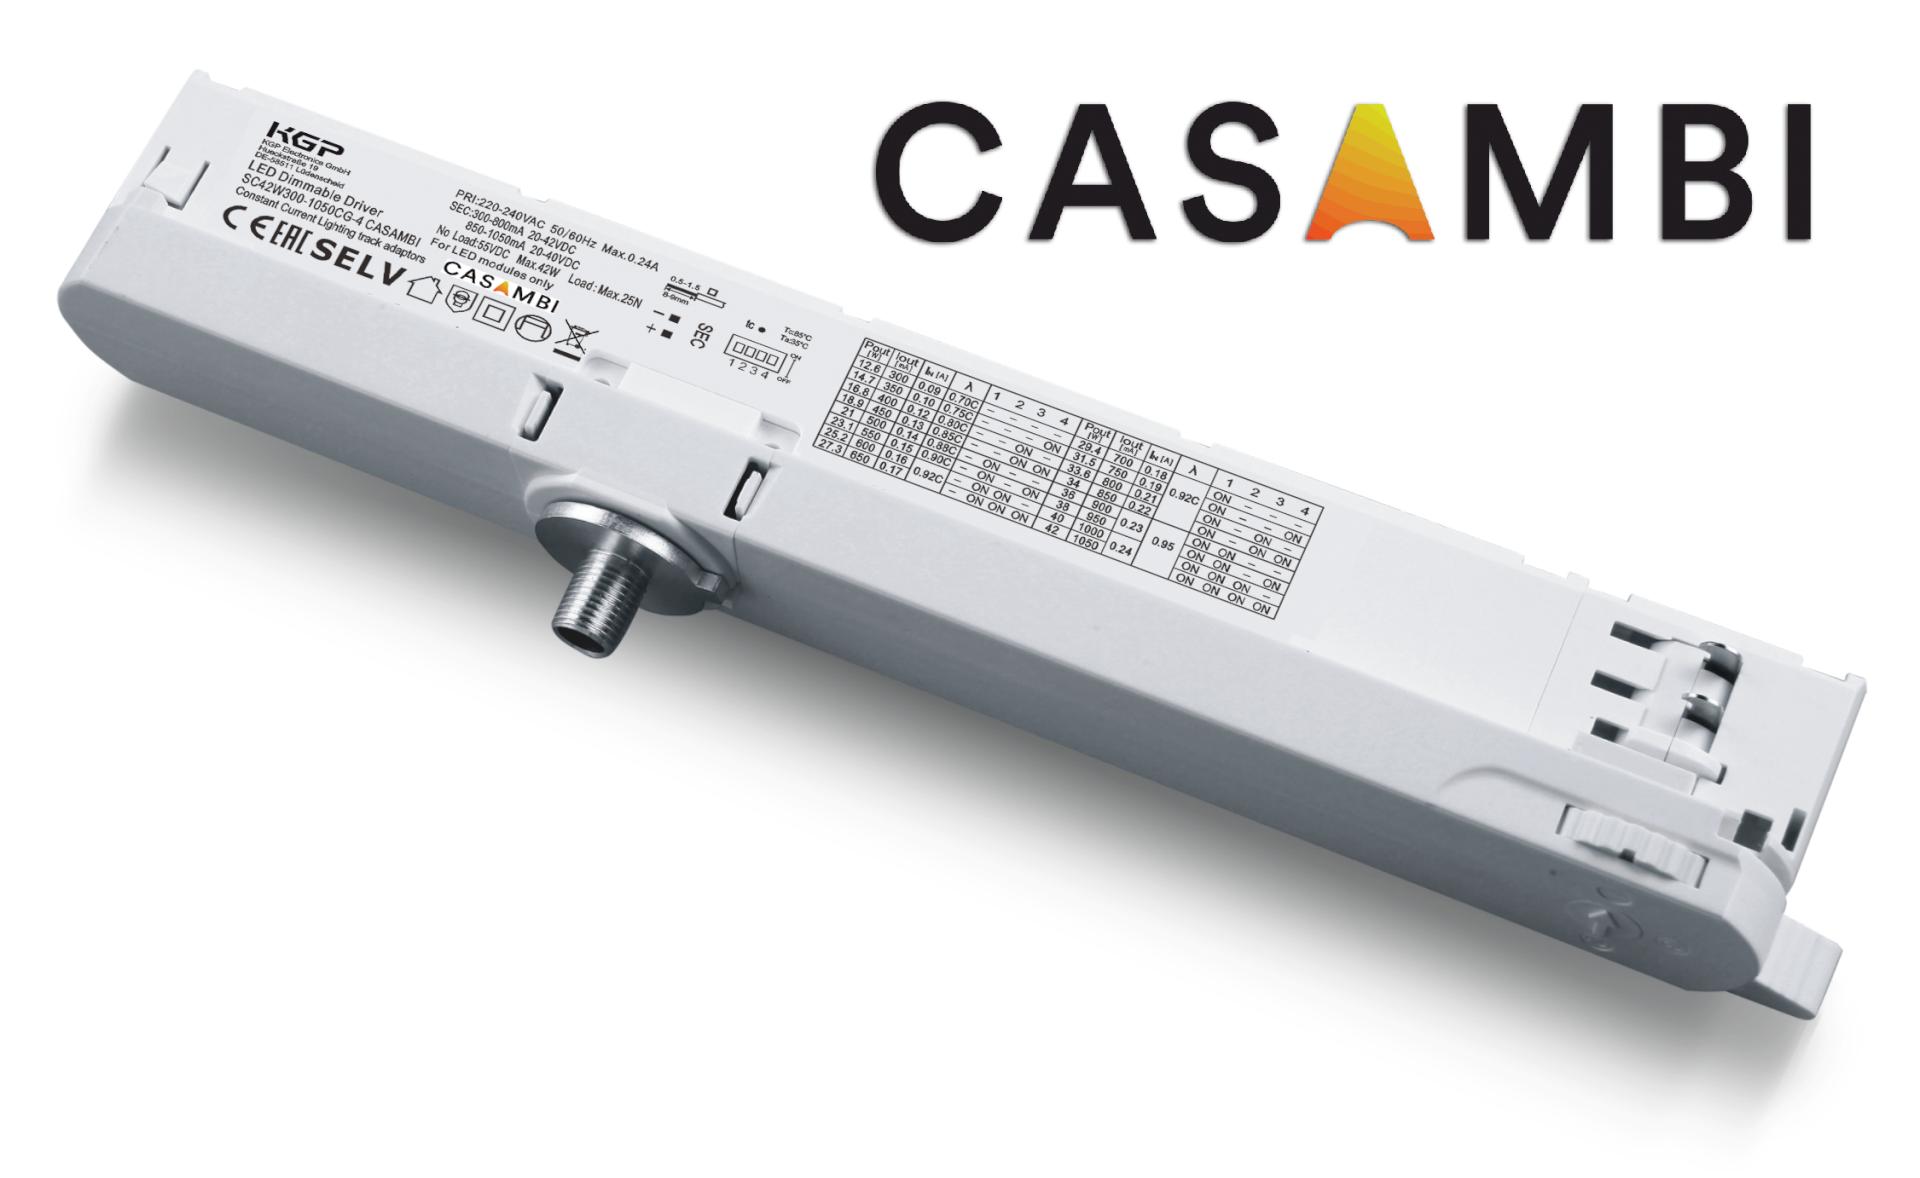 Casambi trackdriver